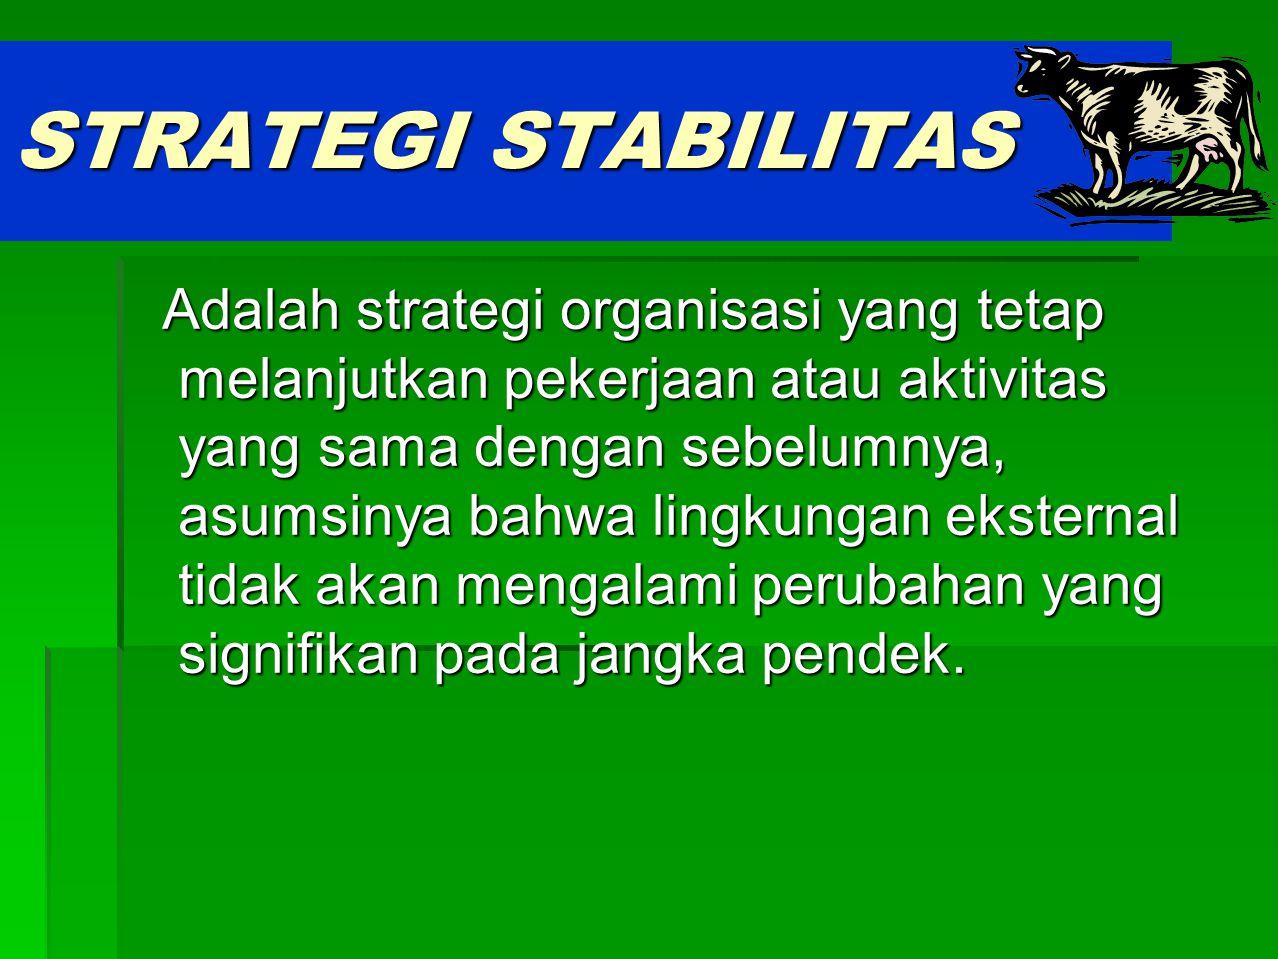 STRATEGI STABILITAS AKAN EFEKTIF DALAM TIGA SITUASI (W.